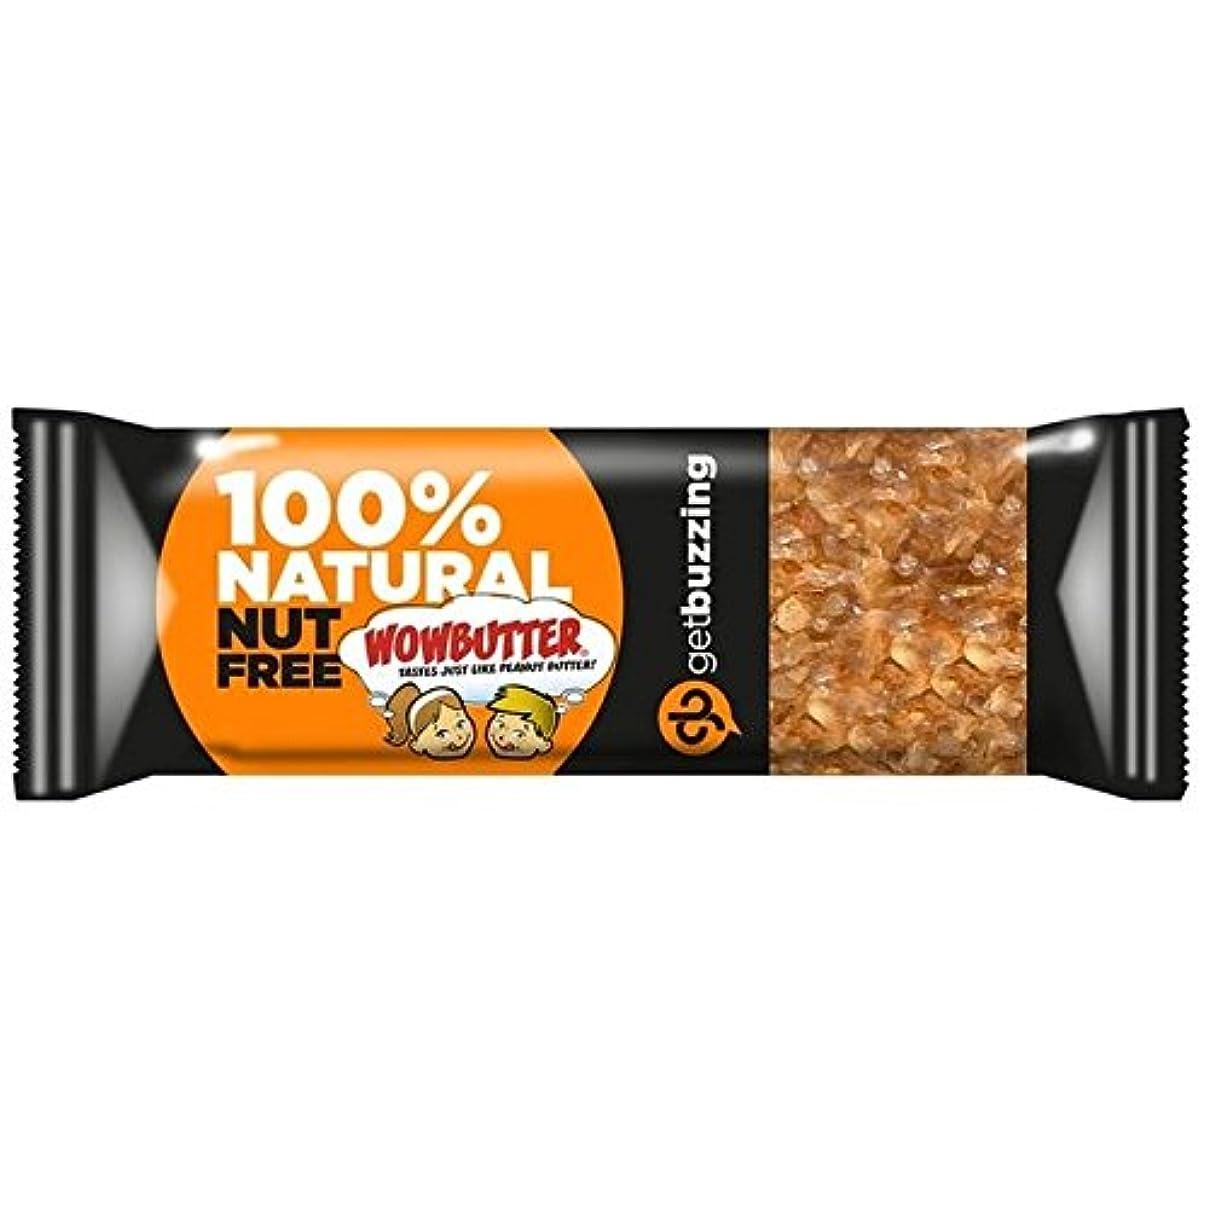 前にスピーチハンディGetbuzzingナット無料Wowbutterバー62グラム (x 4) - Getbuzzing Nut Free Wowbutter Bar 62g (Pack of 4) [並行輸入品]